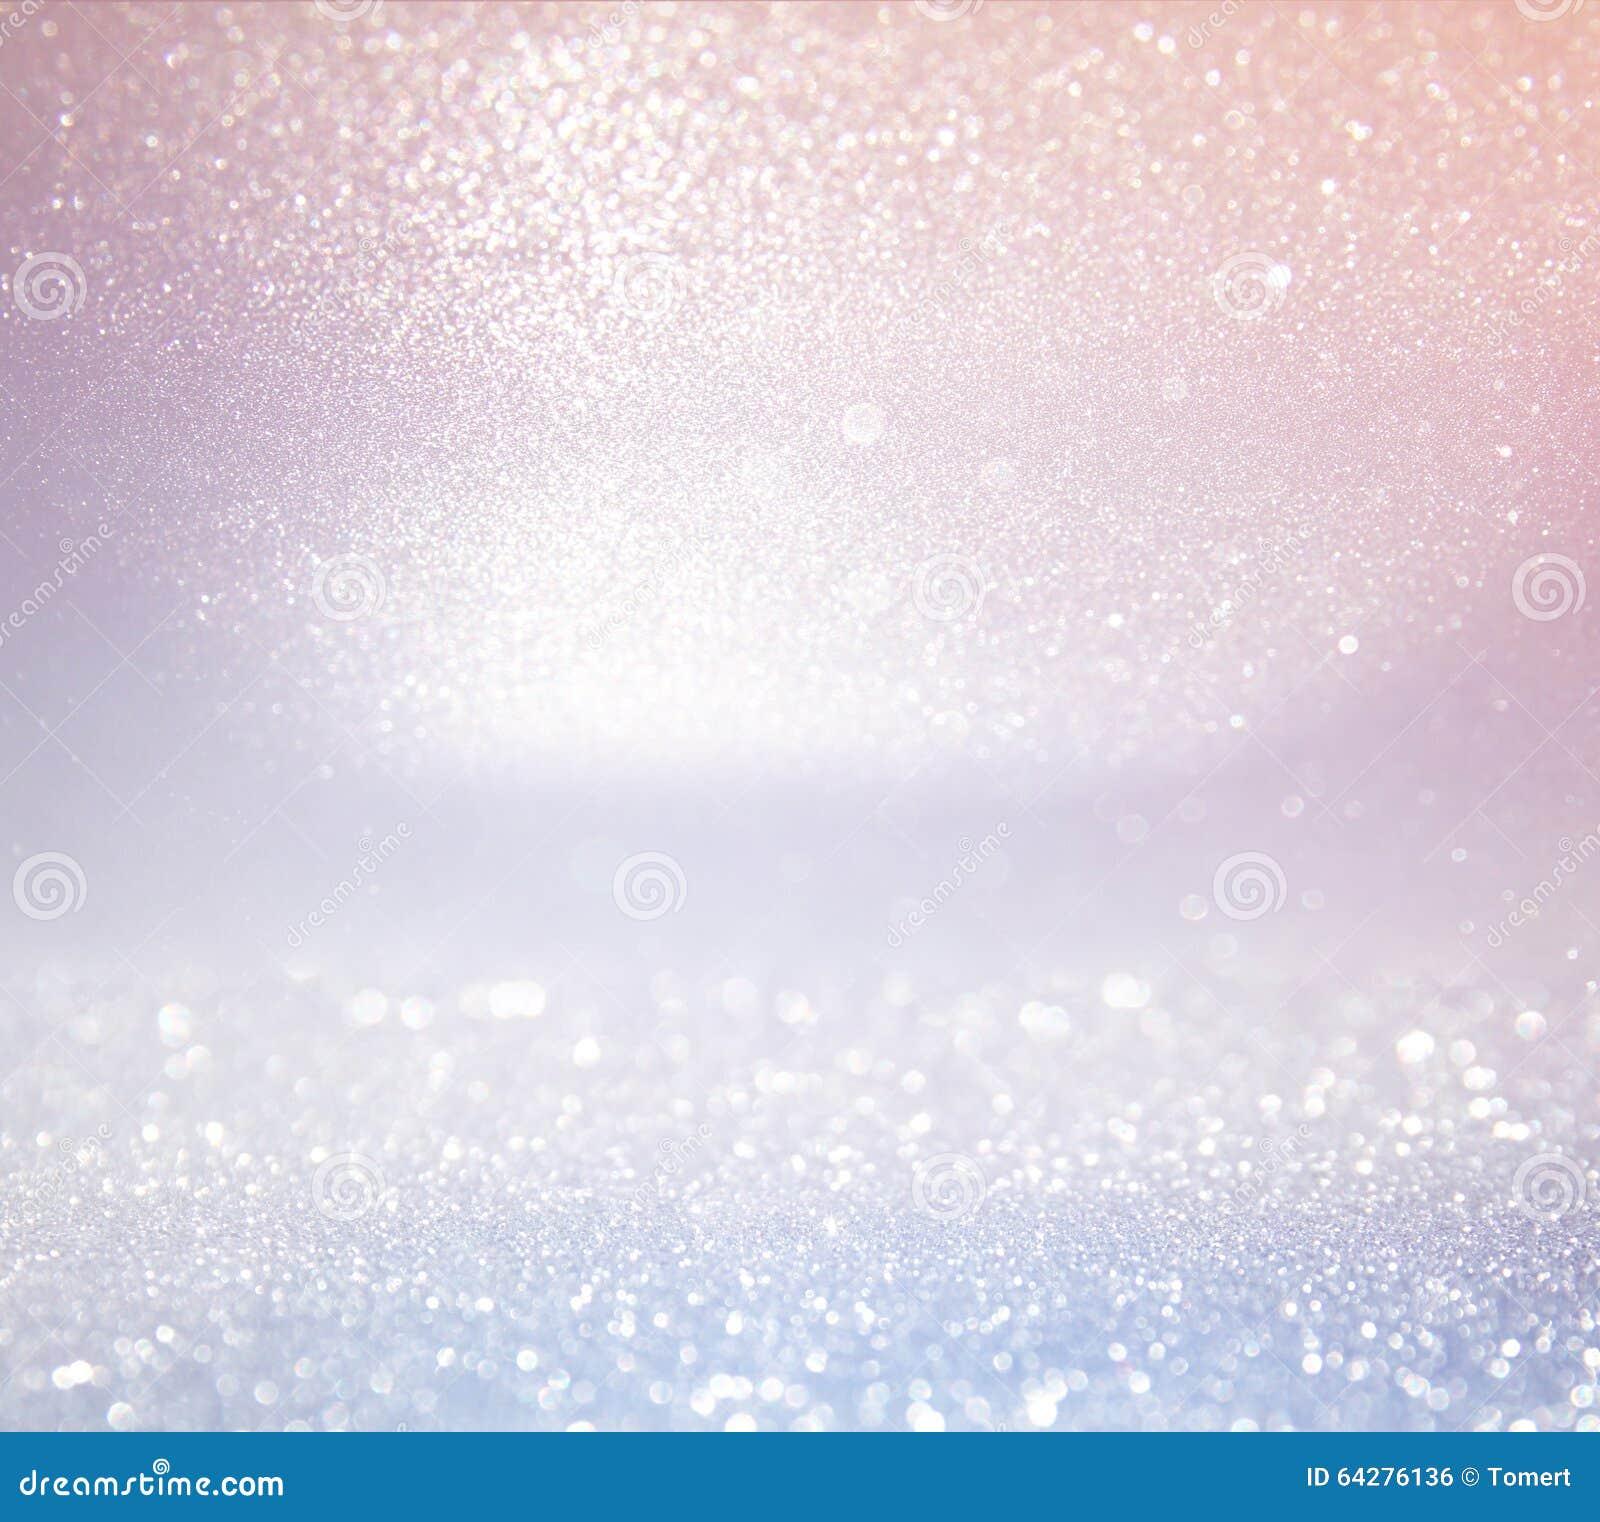 Glitter vintage lights background. light silver, and pink. defocused.